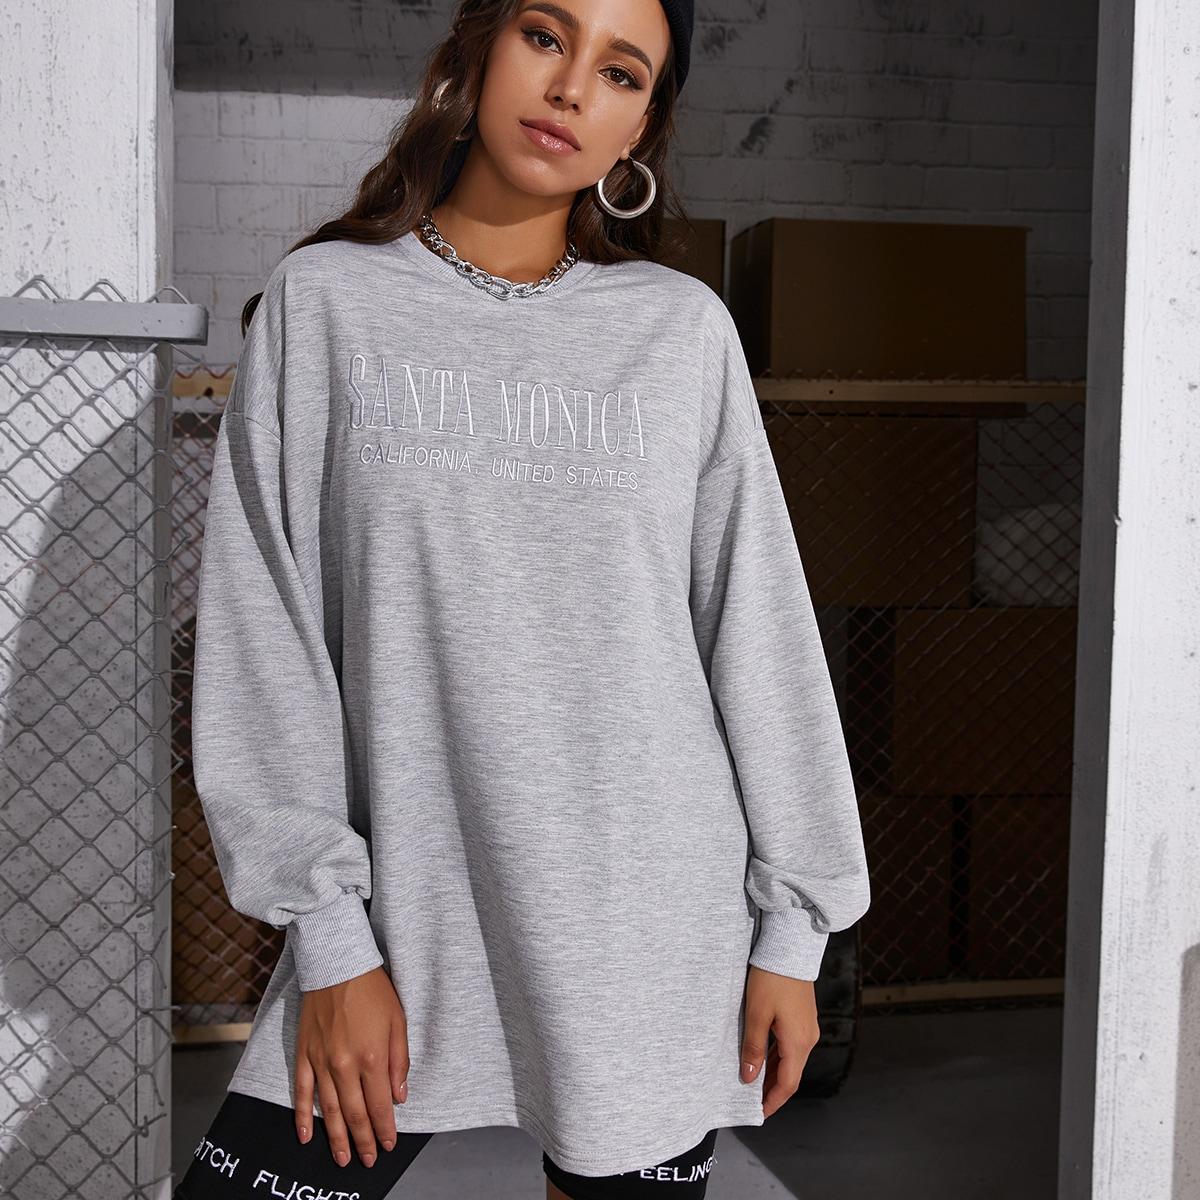 Длинный пуловер с текстовой вышивкой